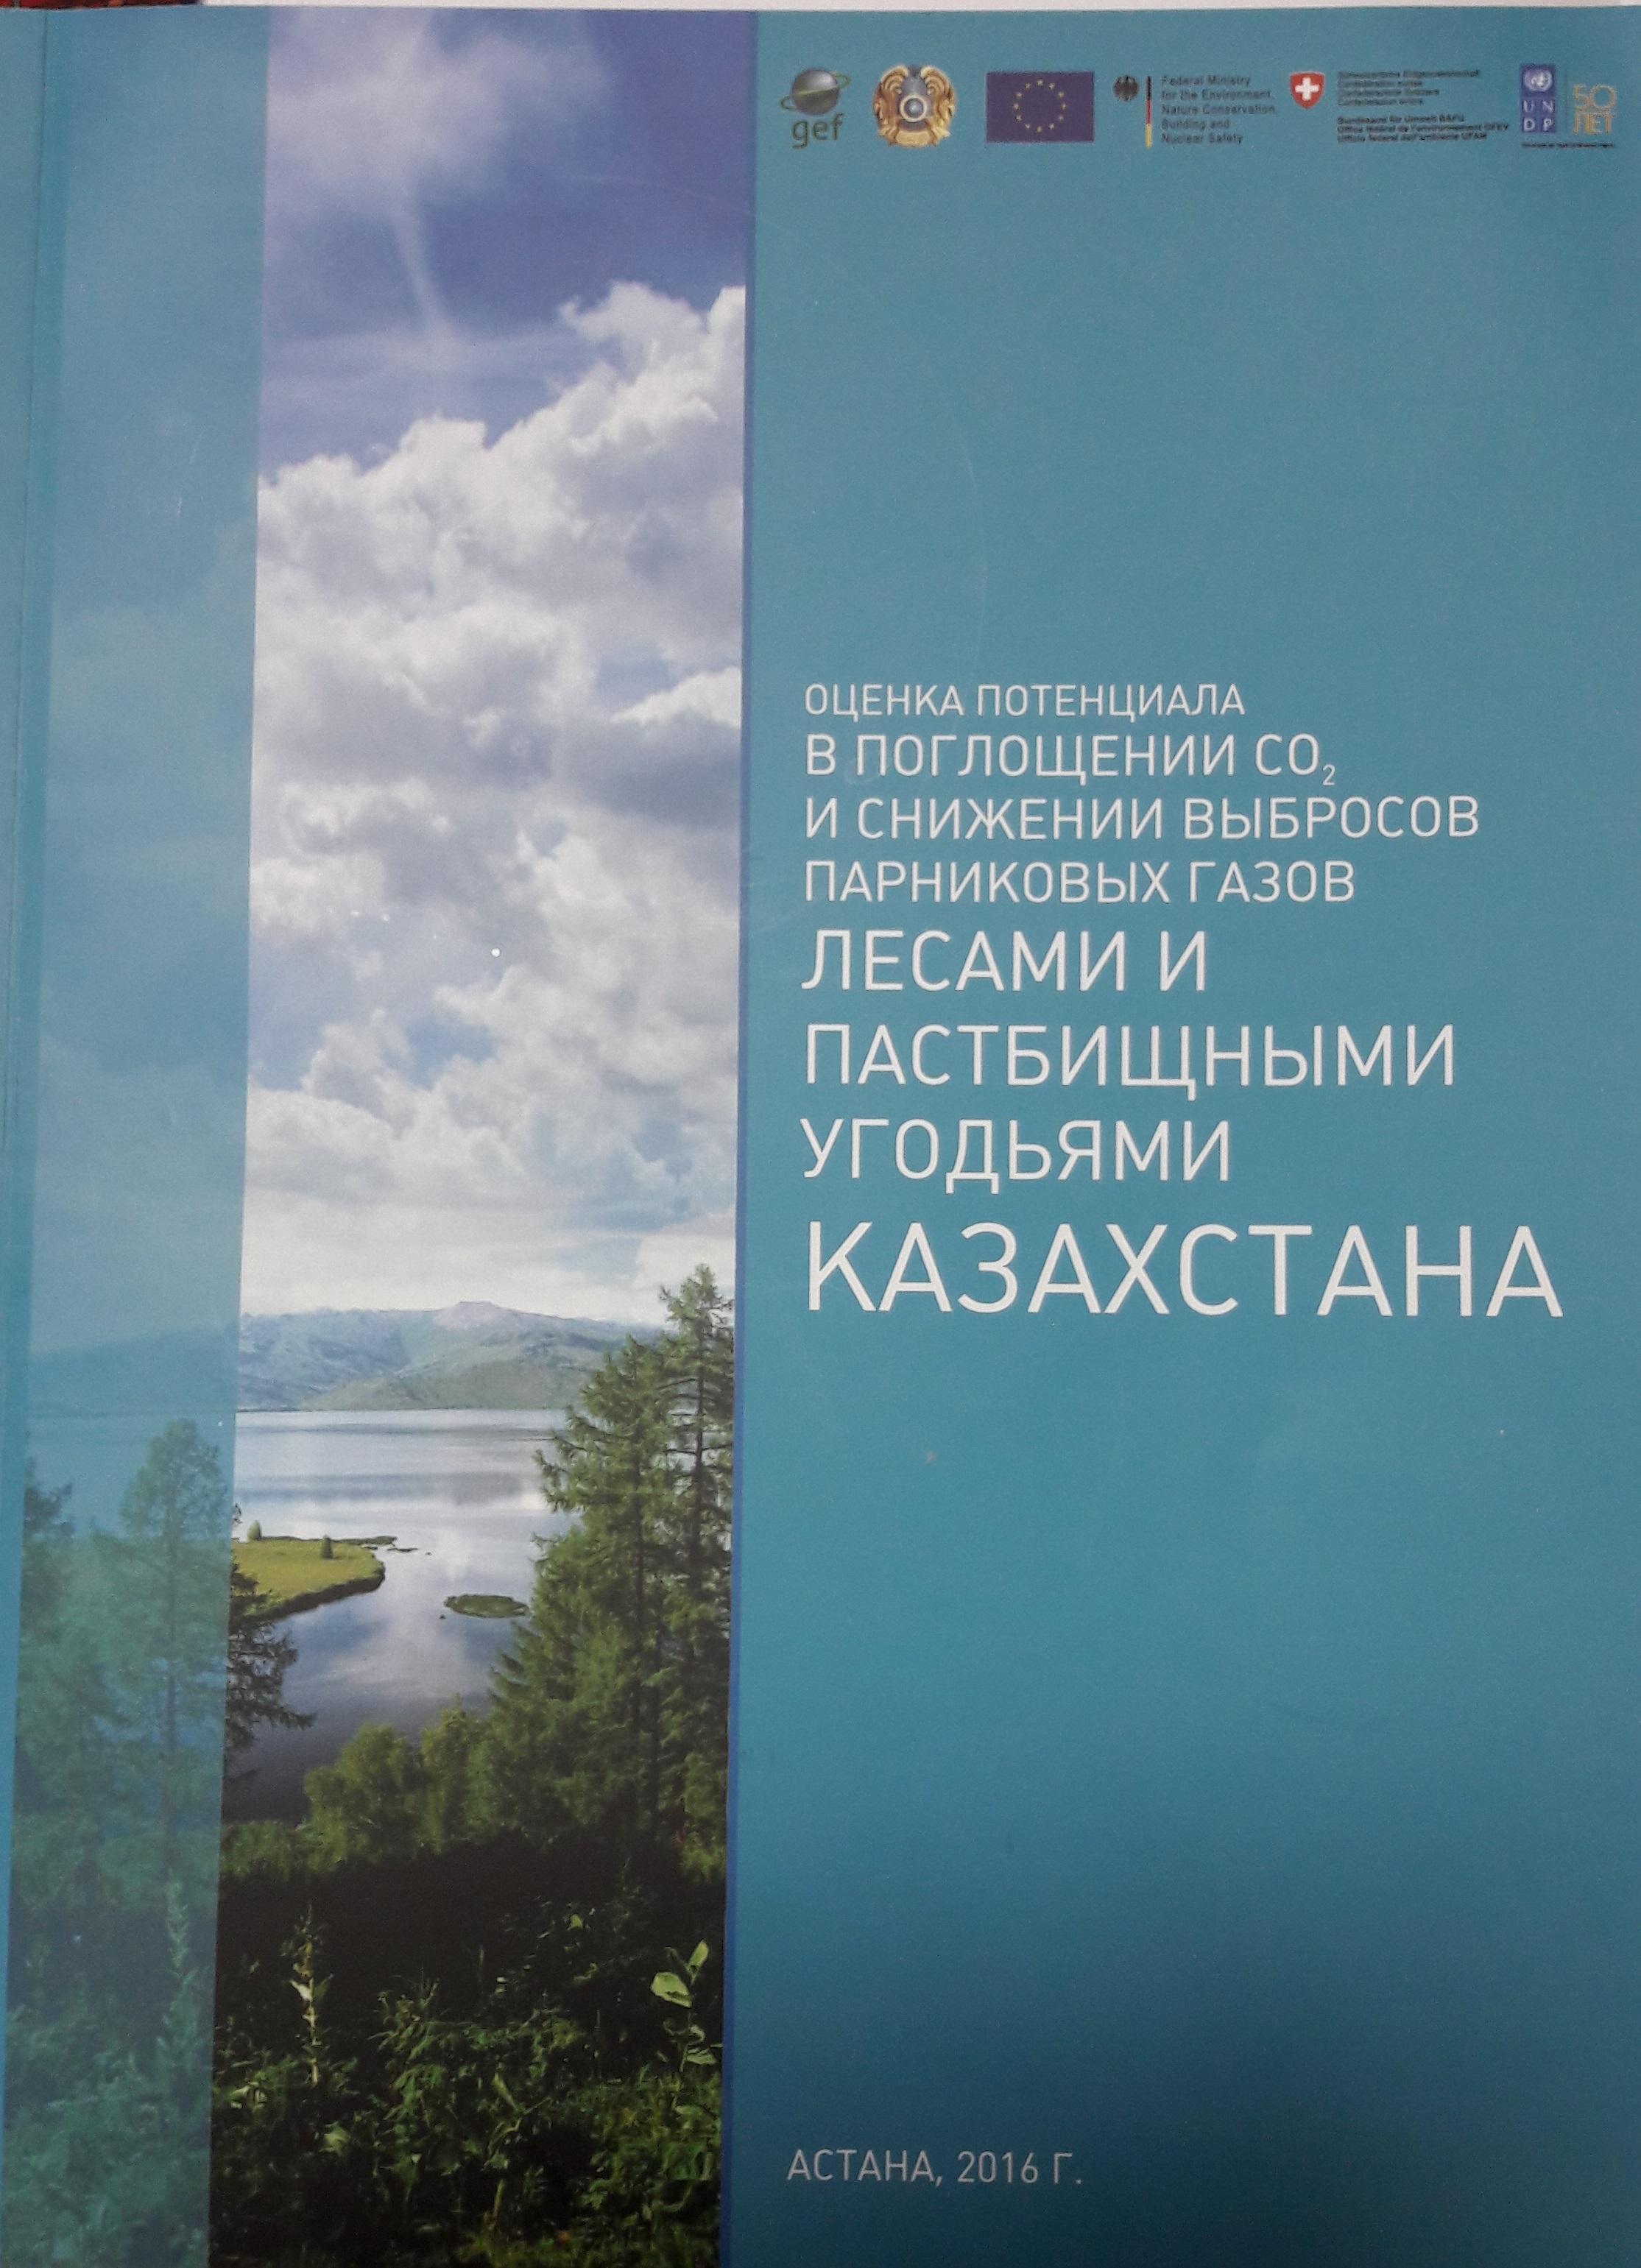 Оценка потенциала в поглощении СО2 и снижении выбросов парниковых газов лесами и пастбищными угодьями Казахстана